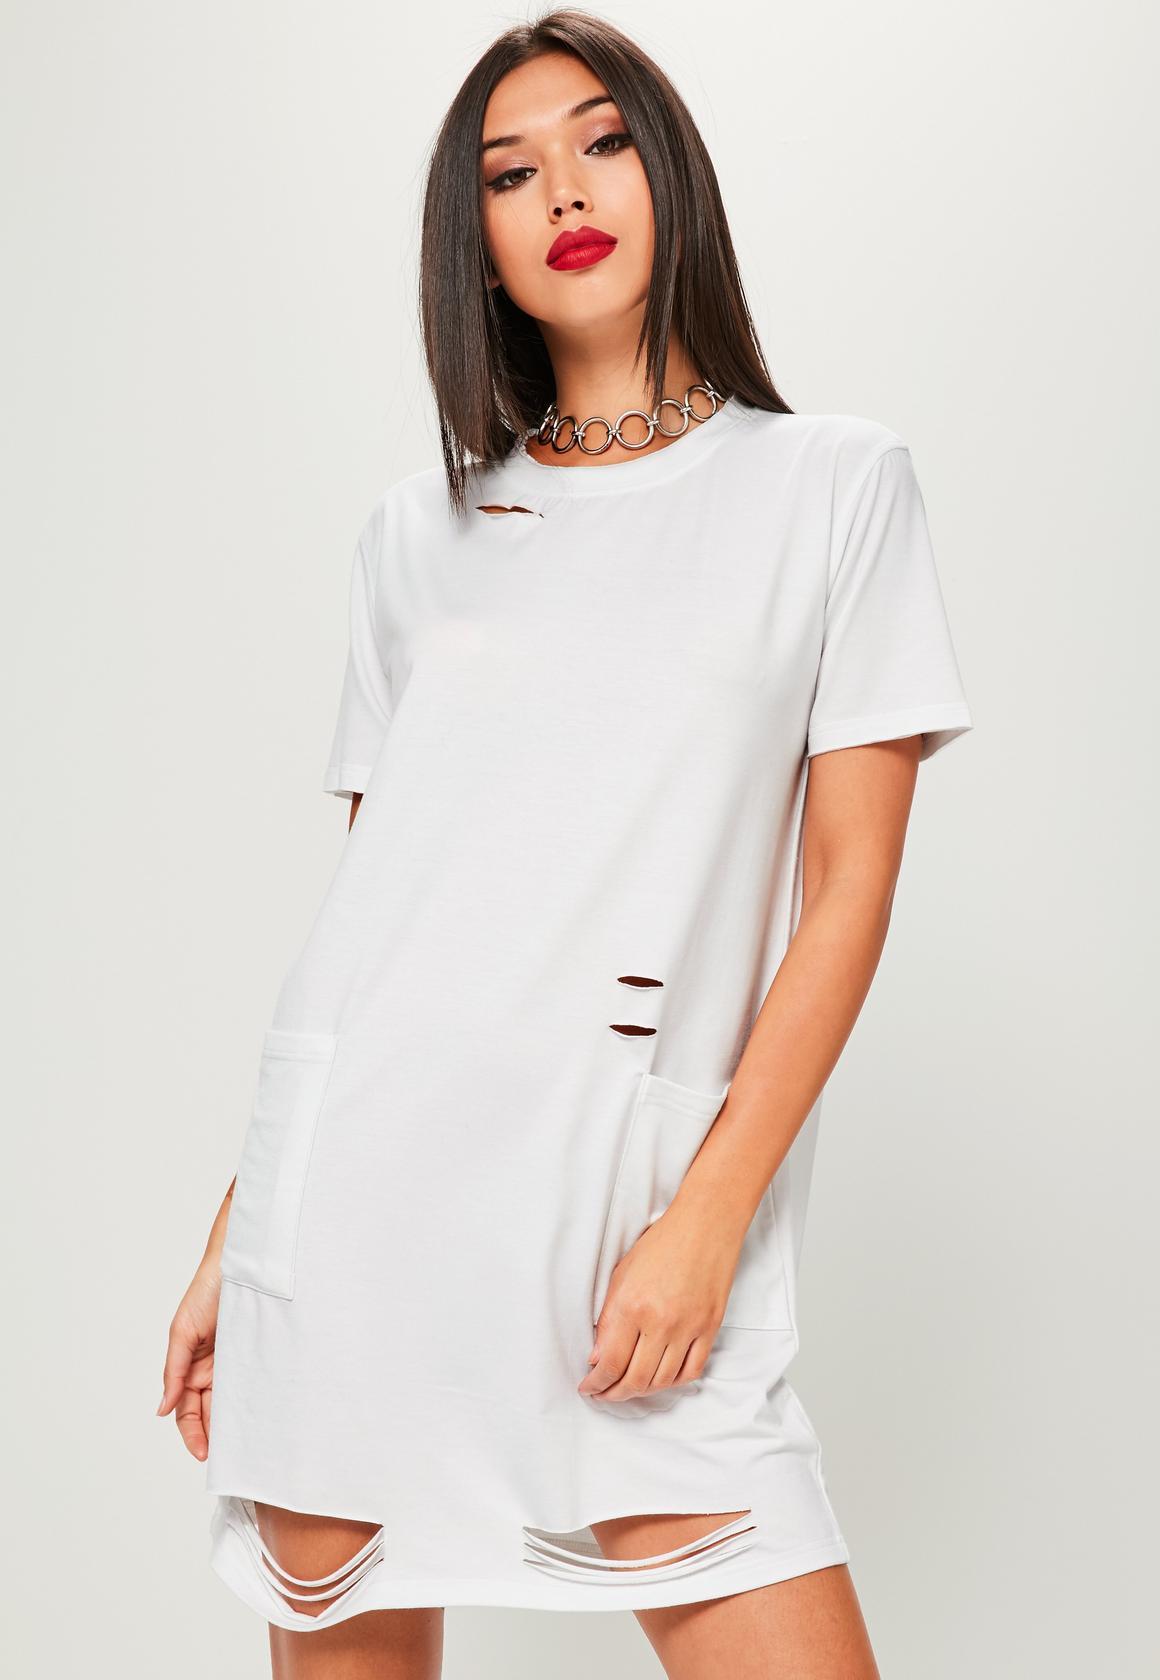 t shirt dresses white distressed pocket t-shirt dress UHIBJZP